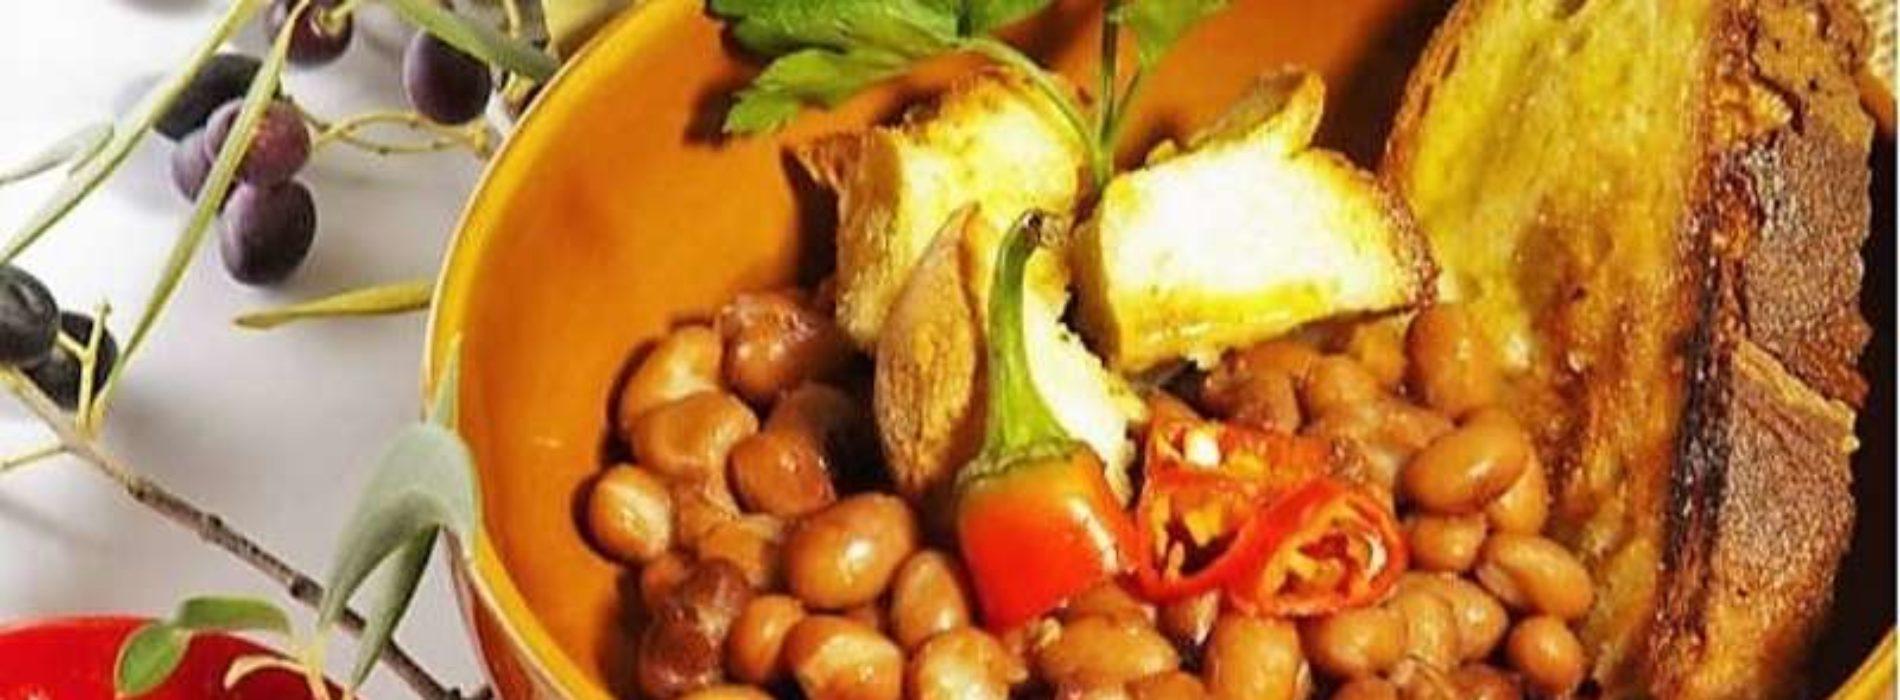 Cucina contadina, i piatti della nonna soppiantano cucina molecolare e fusion